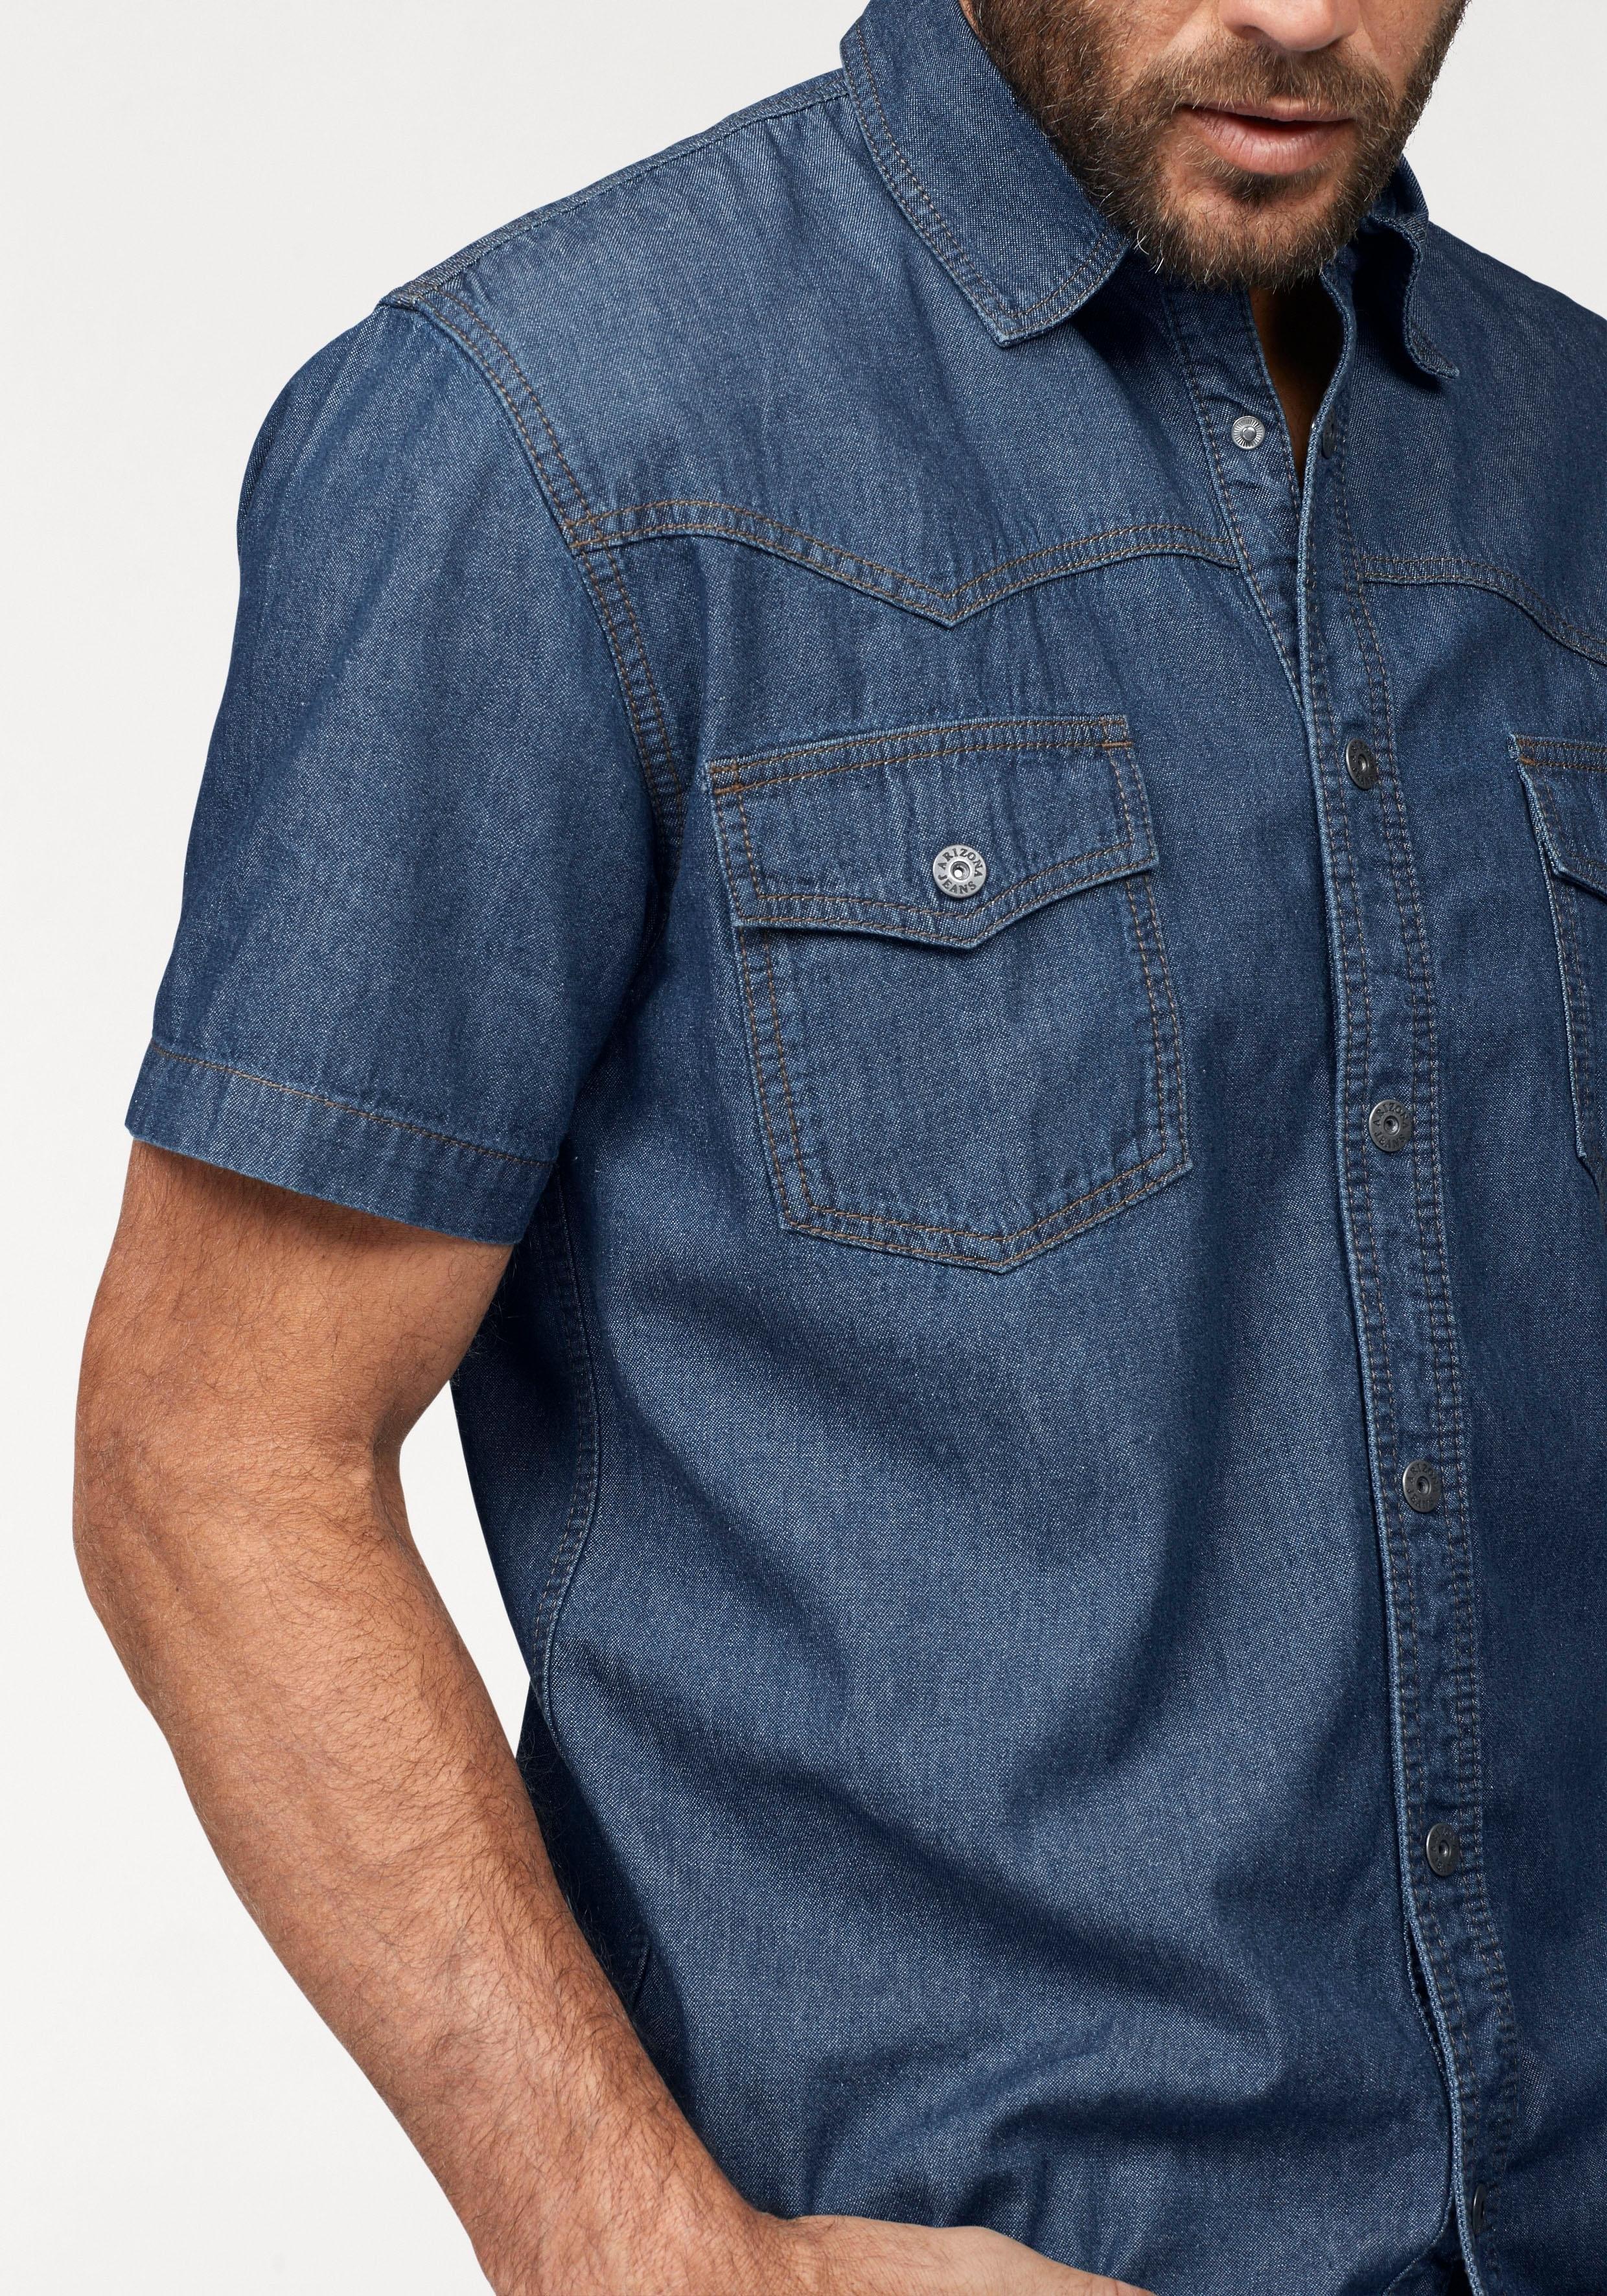 De Online Jeansoverhemd Winkel In Arizona yY6f7bg